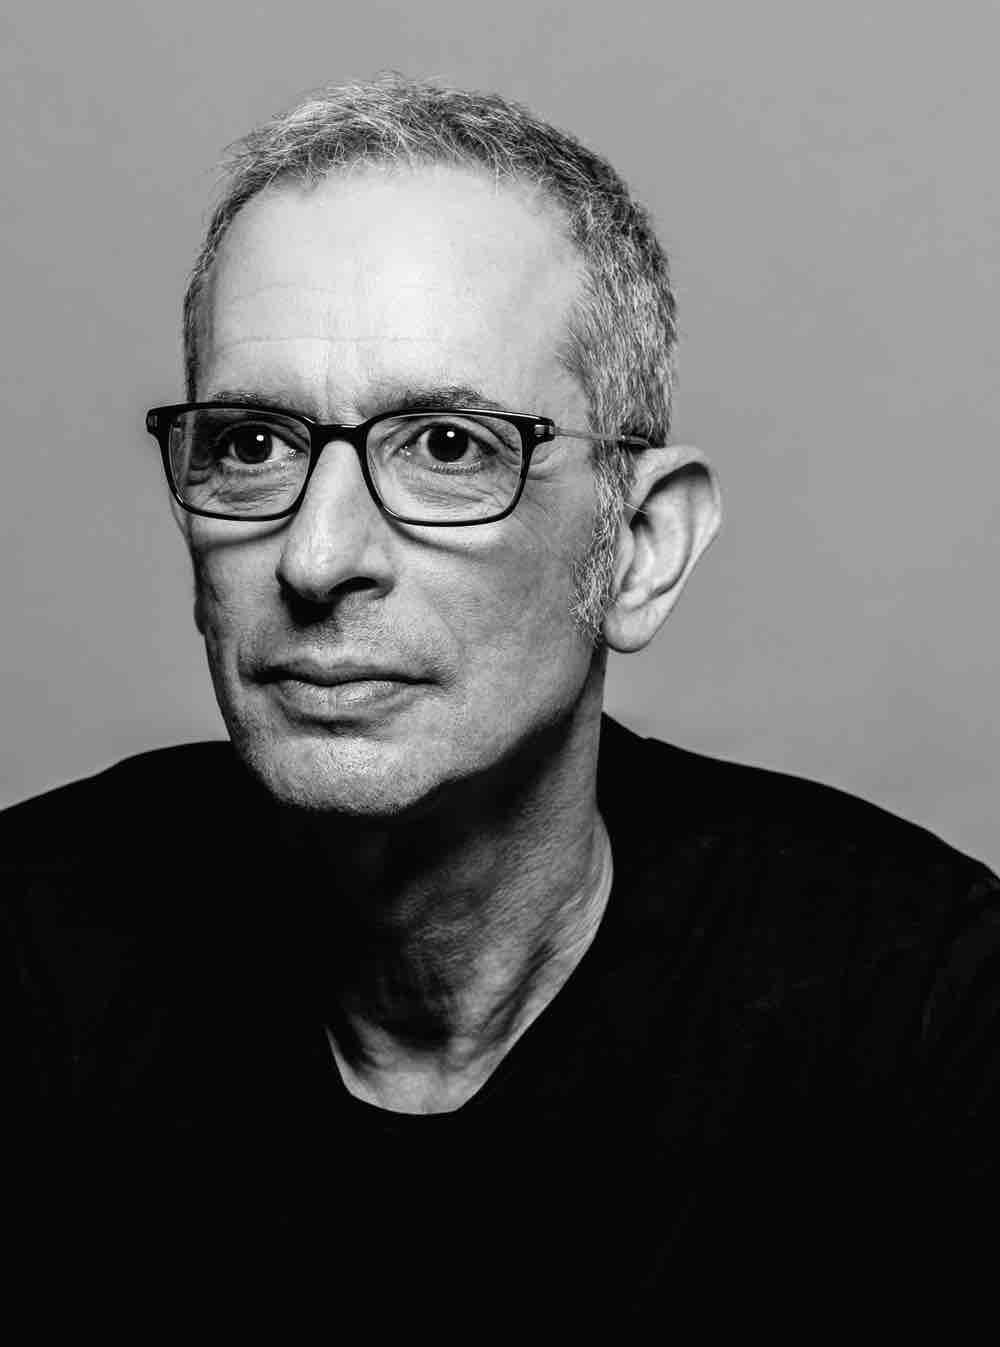 L eslie Shatz   Sound Designer, Re-recording mixer   Making a Murderer (2015),   The Mummy Returns (2001) ,  12 Years a Slave ,  Milk